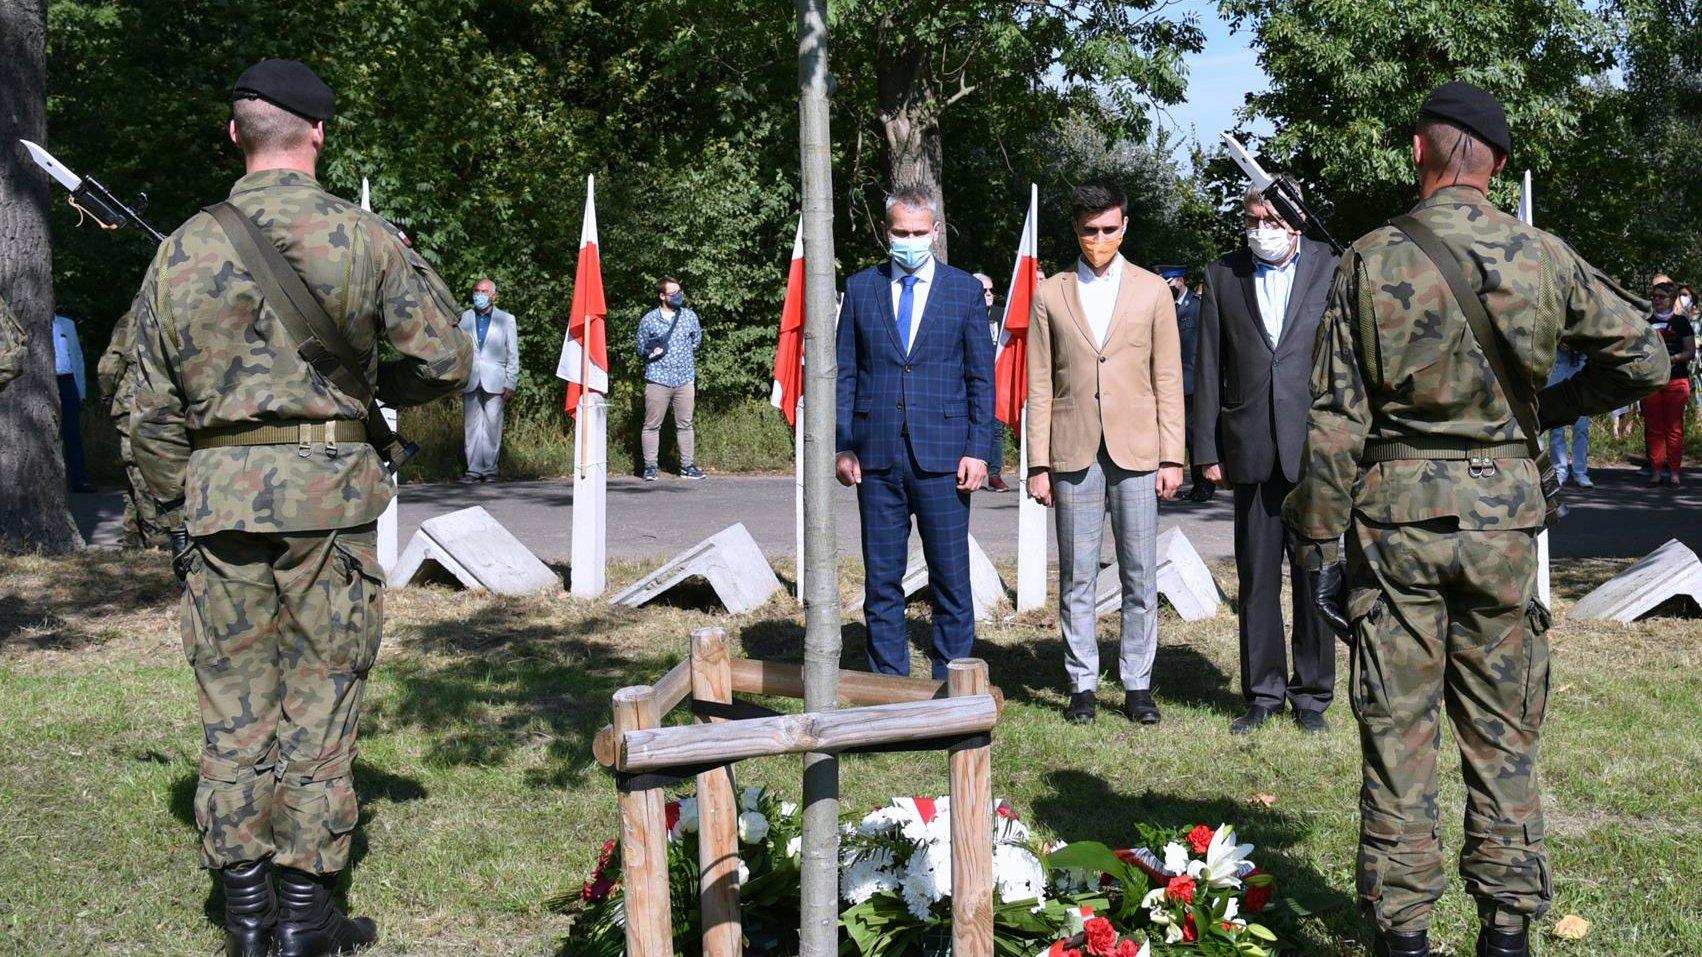 Przedstawiciele Miasta (zastępca prezydenta Jędrzej Solarski i miejscy radni) składają kwiaty pod dębem pamięci. - grafika artykułu